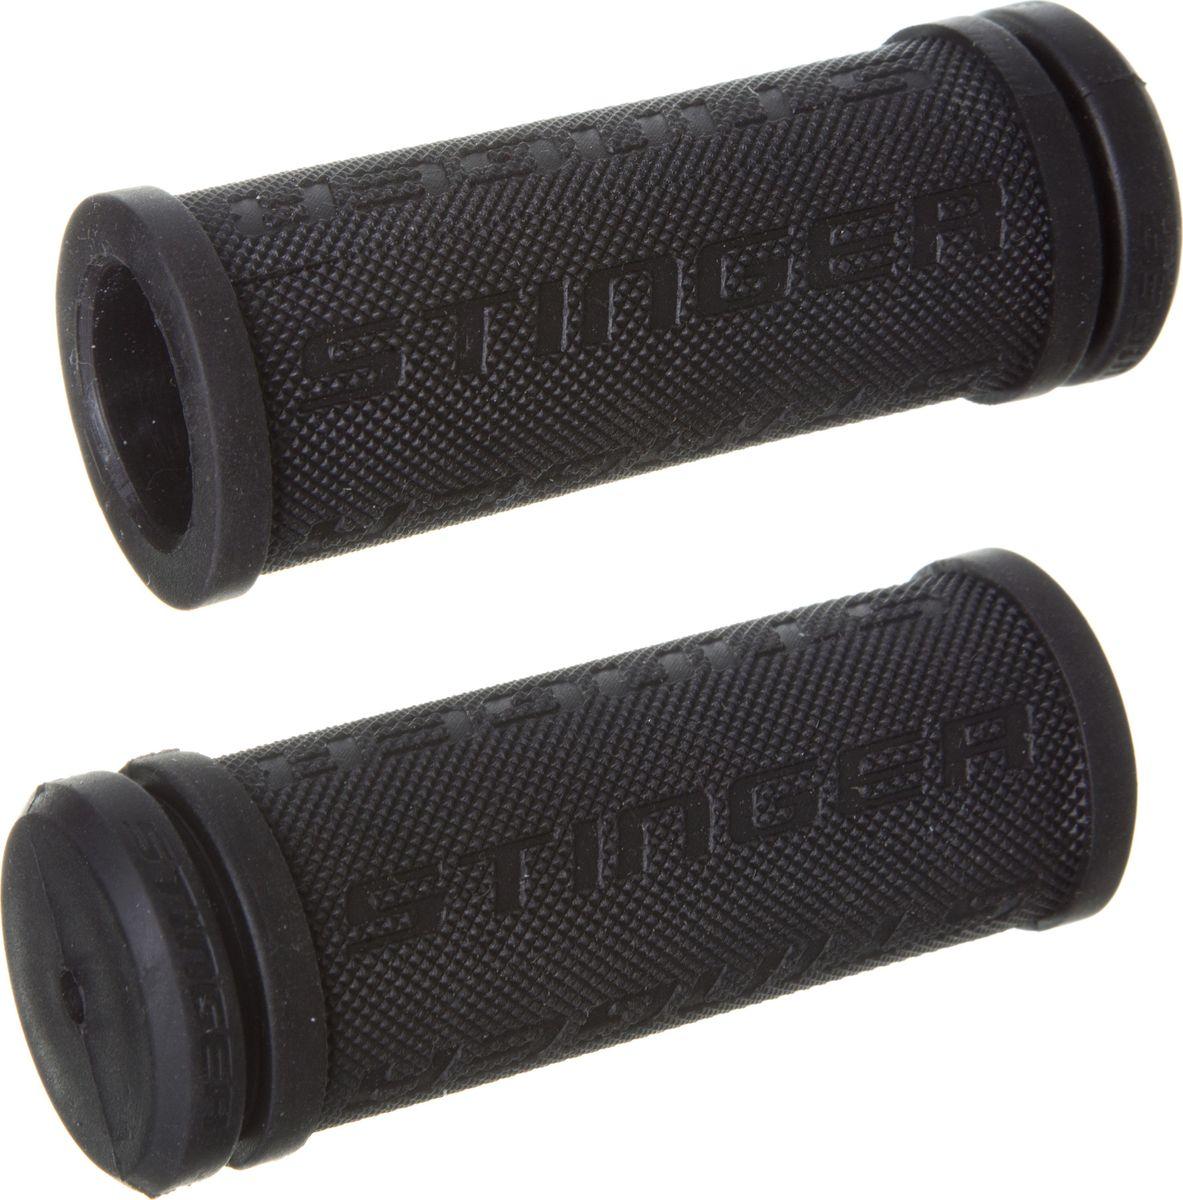 Грипсы STG HL-G92-1 BK, цвет: черный, 76 мм, 2 шт